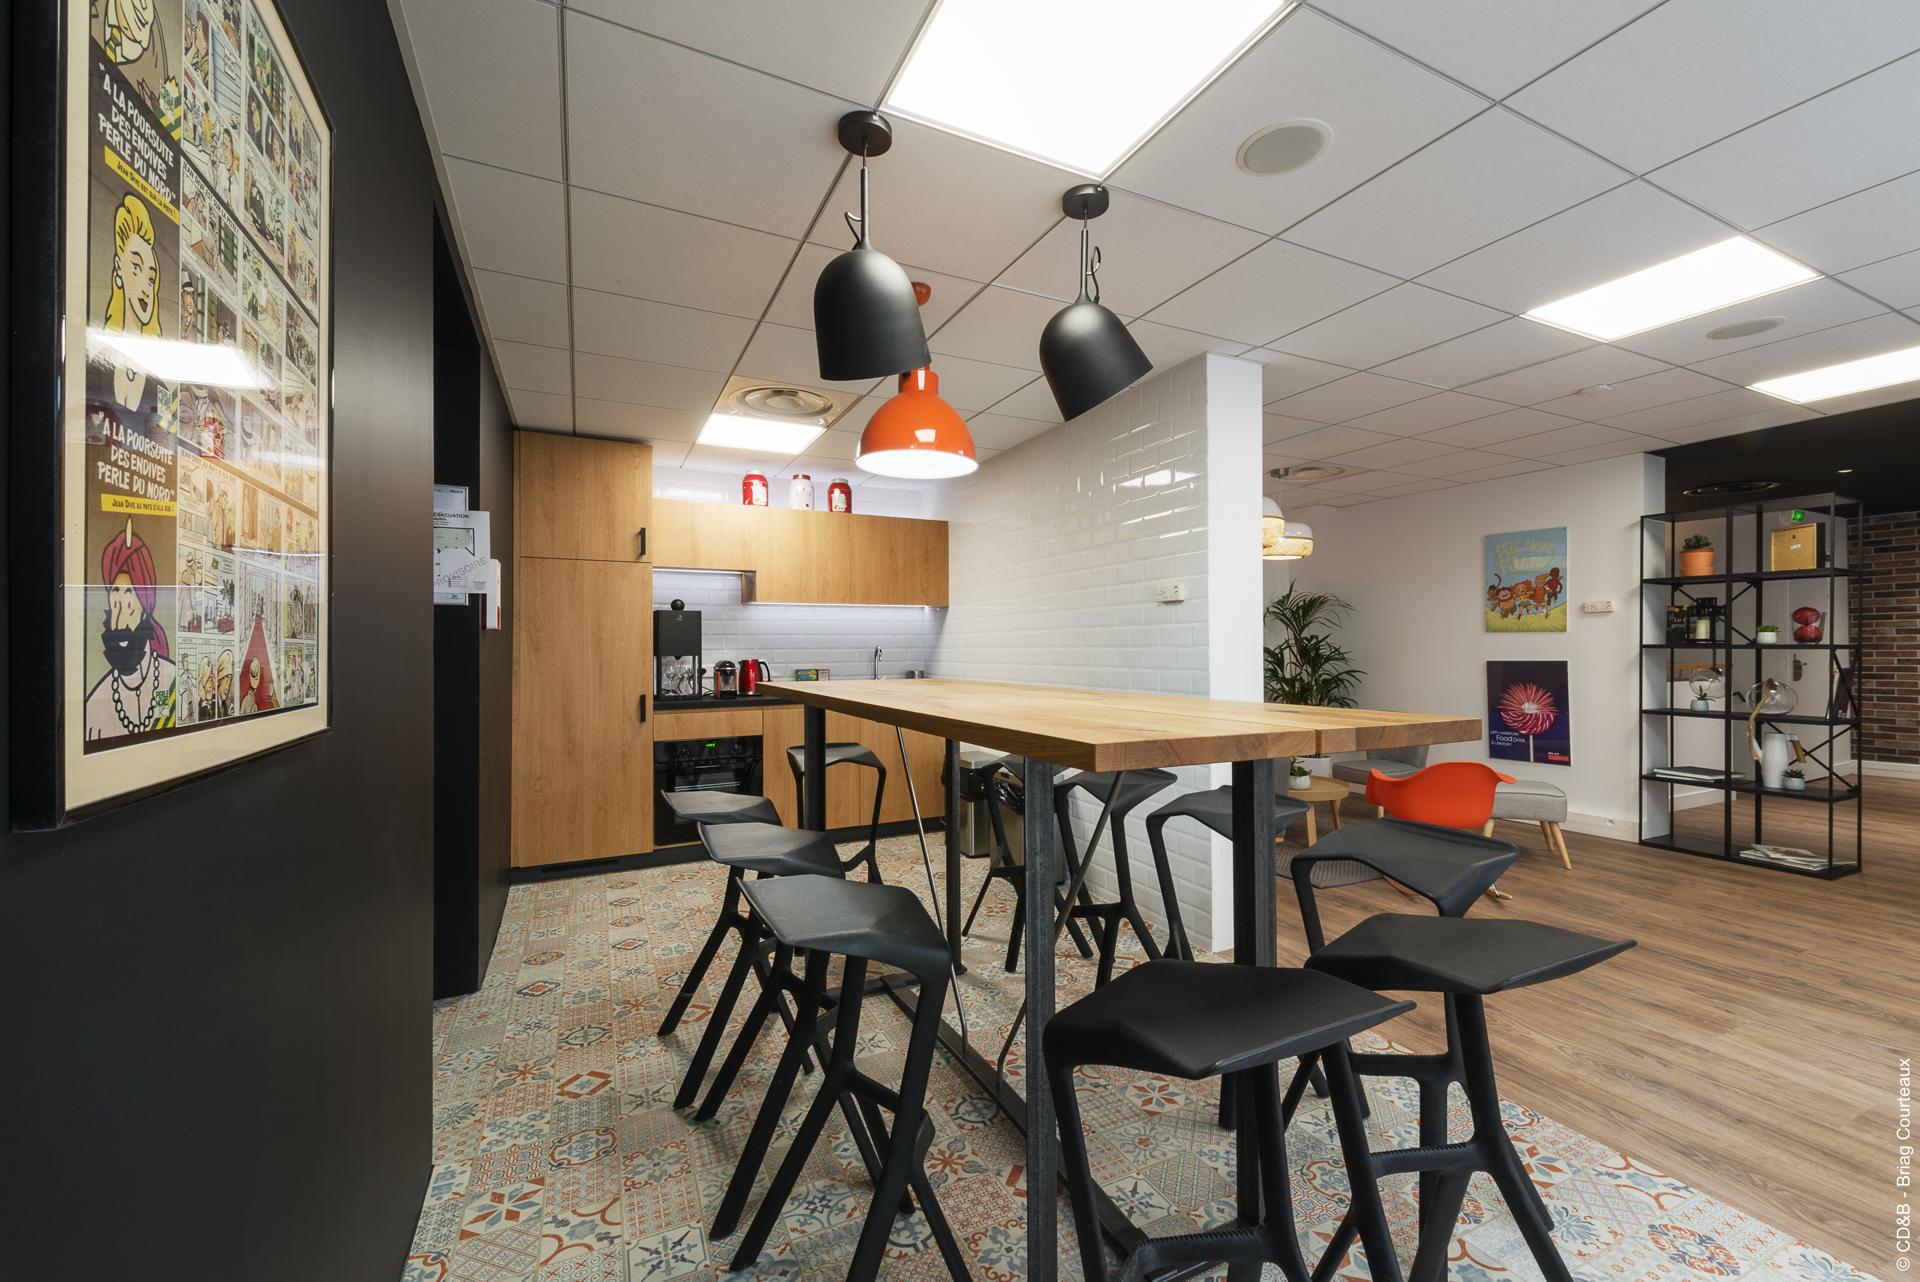 Conseil, aménagement, conception et réalisation des espaces de bureaux de la société SOPEXA par CDB, Meet you there.